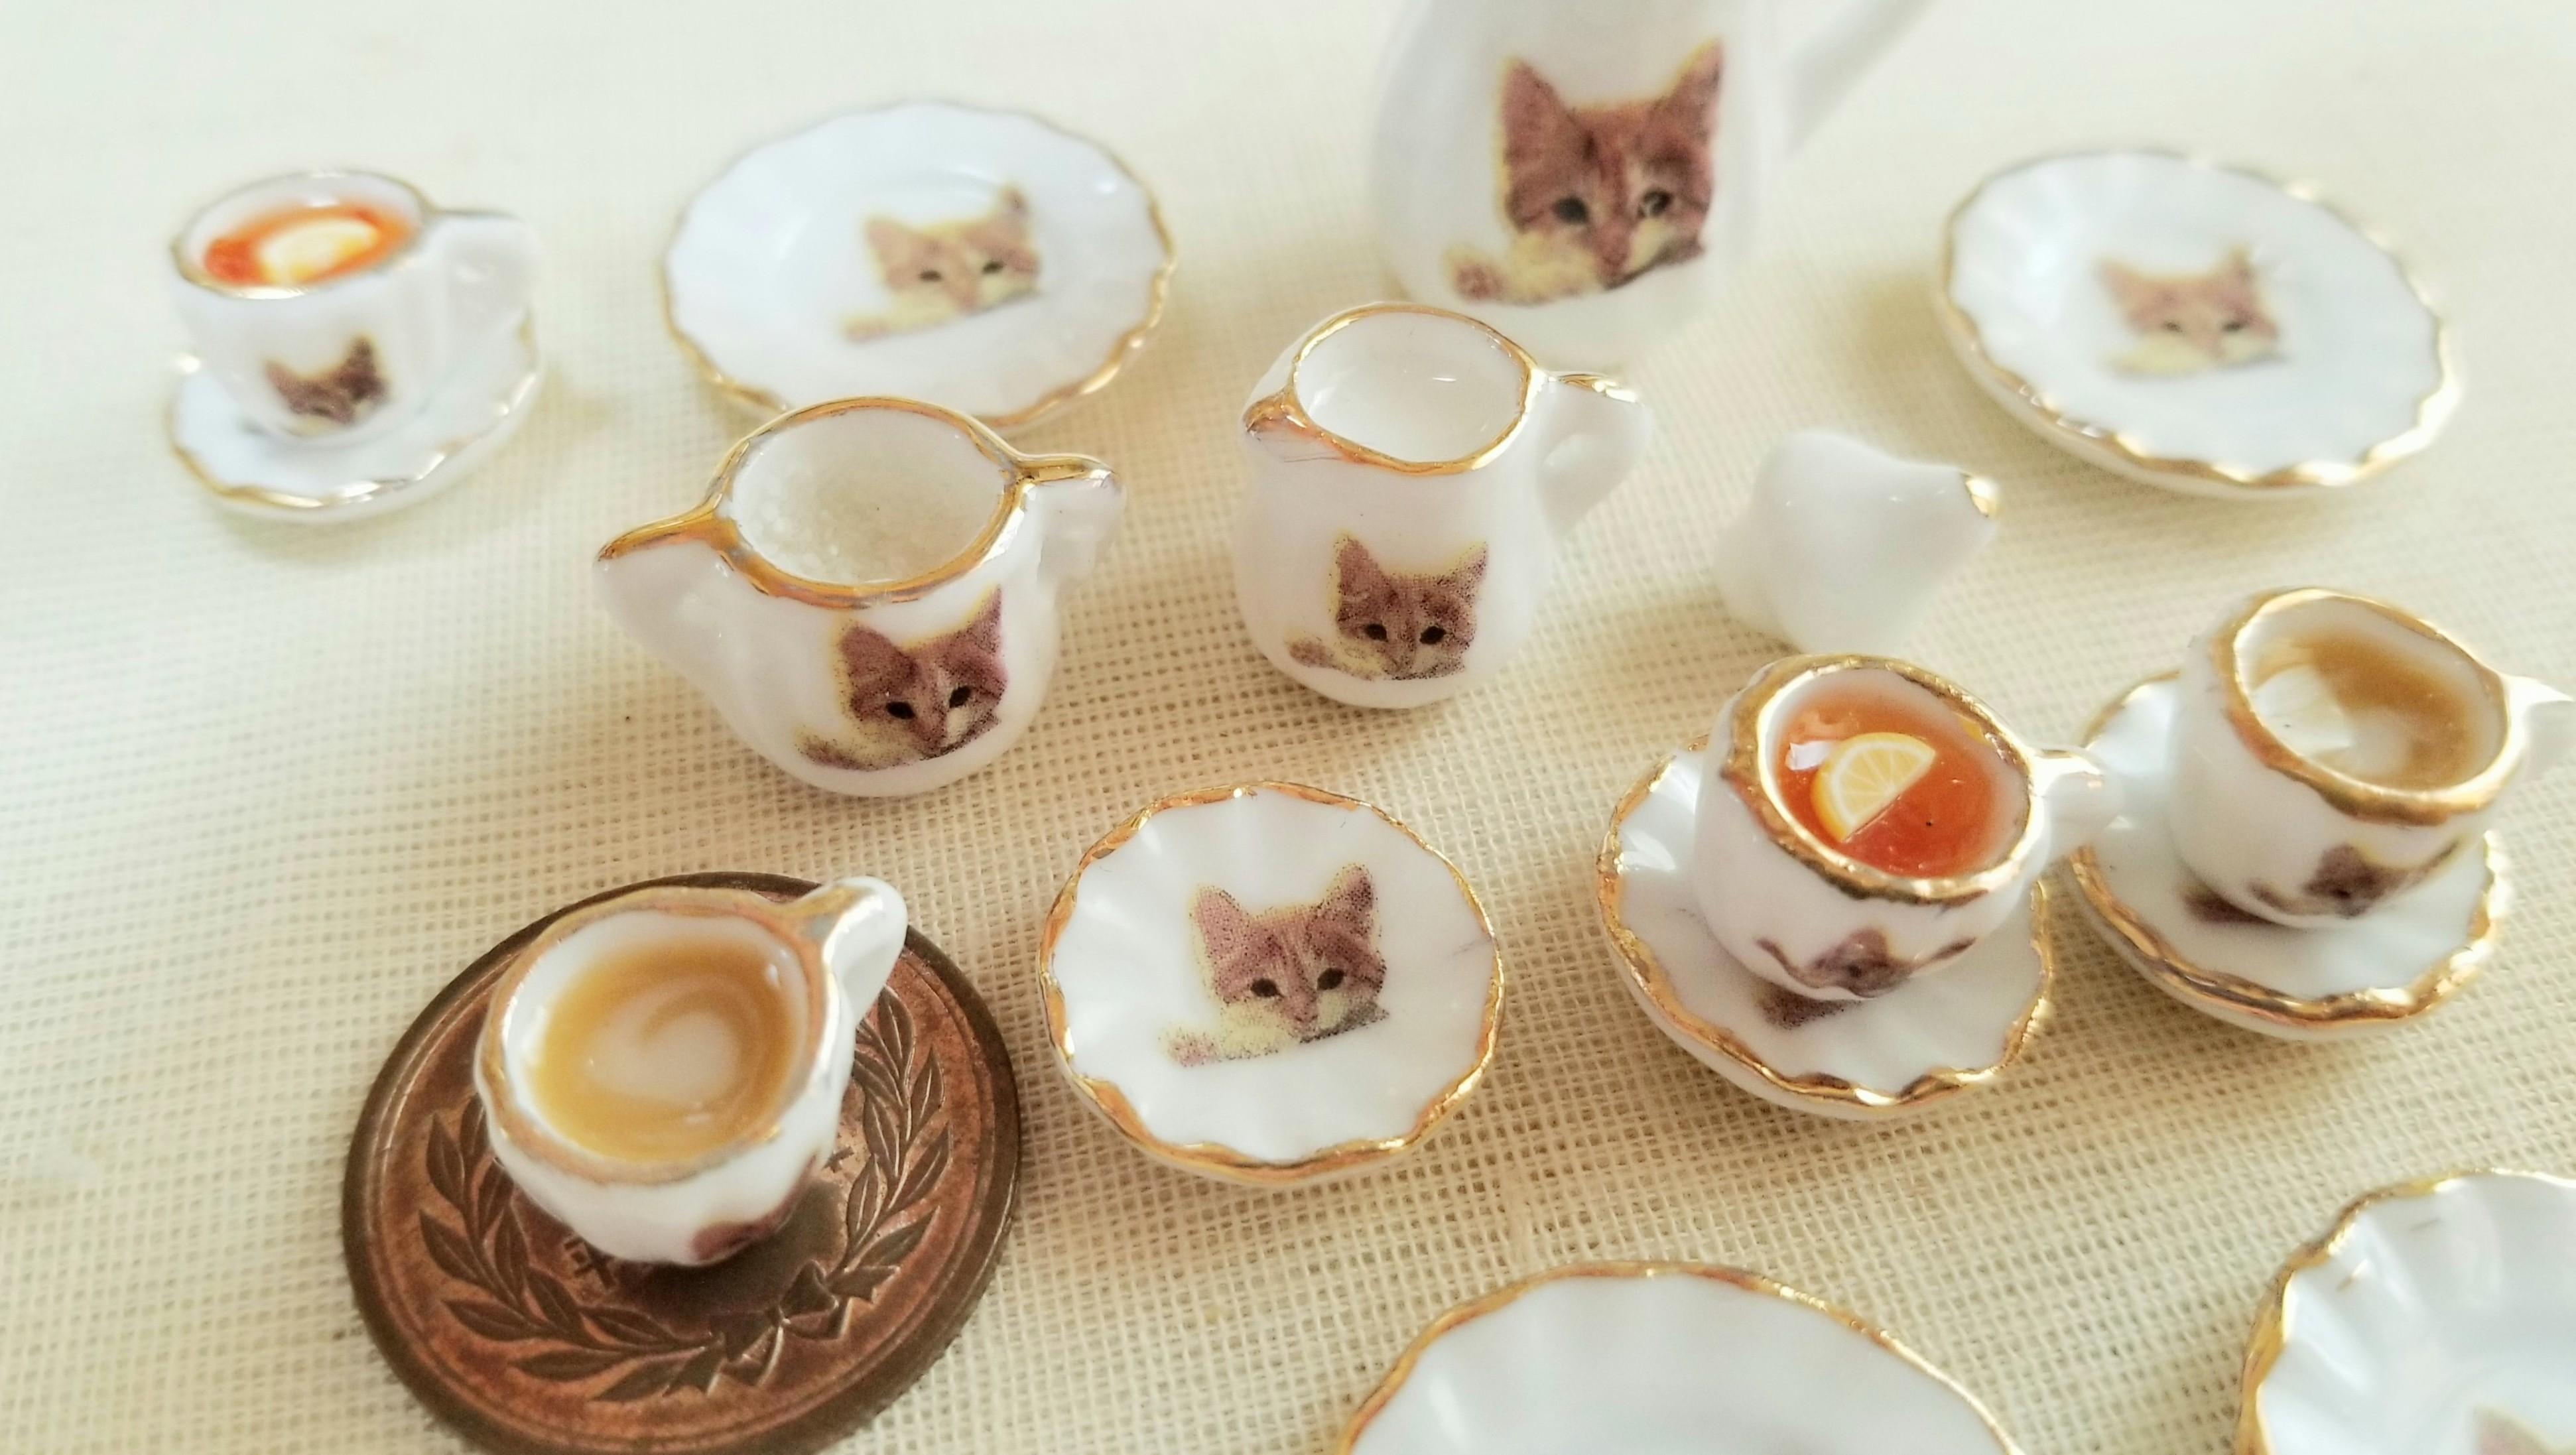 にゃんこ猫柄陶器のティーセット可愛い品のある綺麗なミンネで販売中